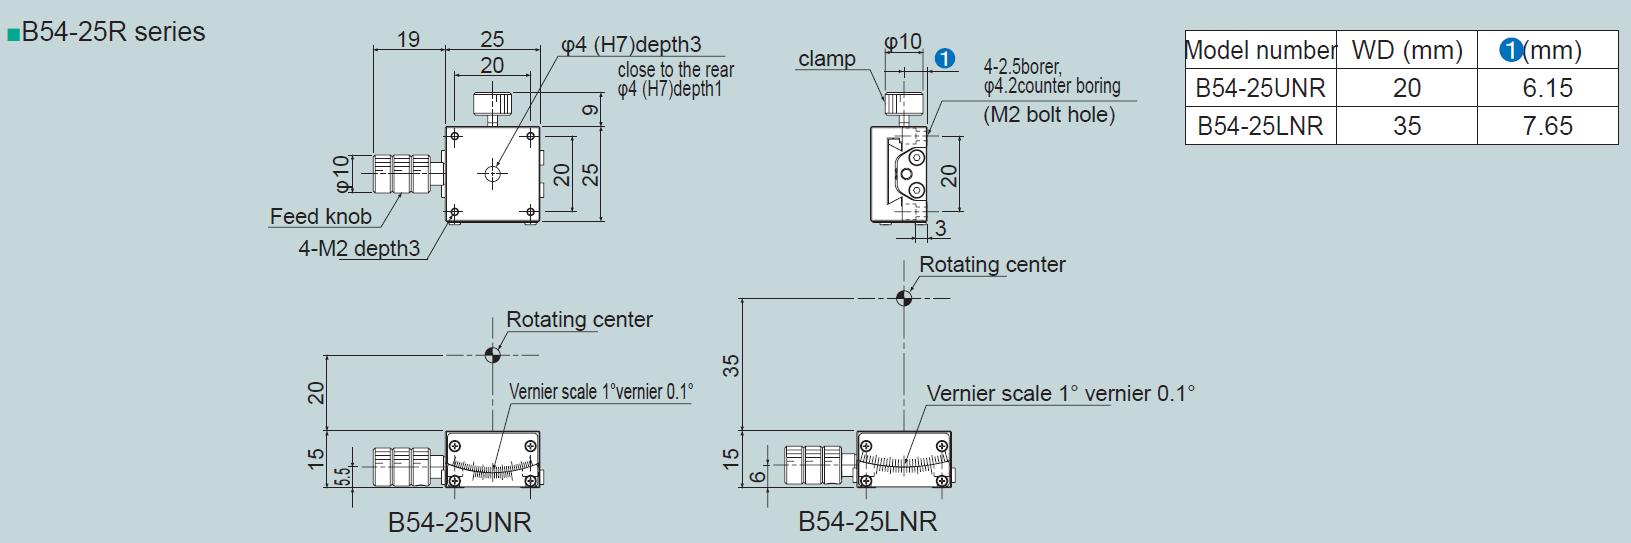 b54-25r-tech-drawing-new.png